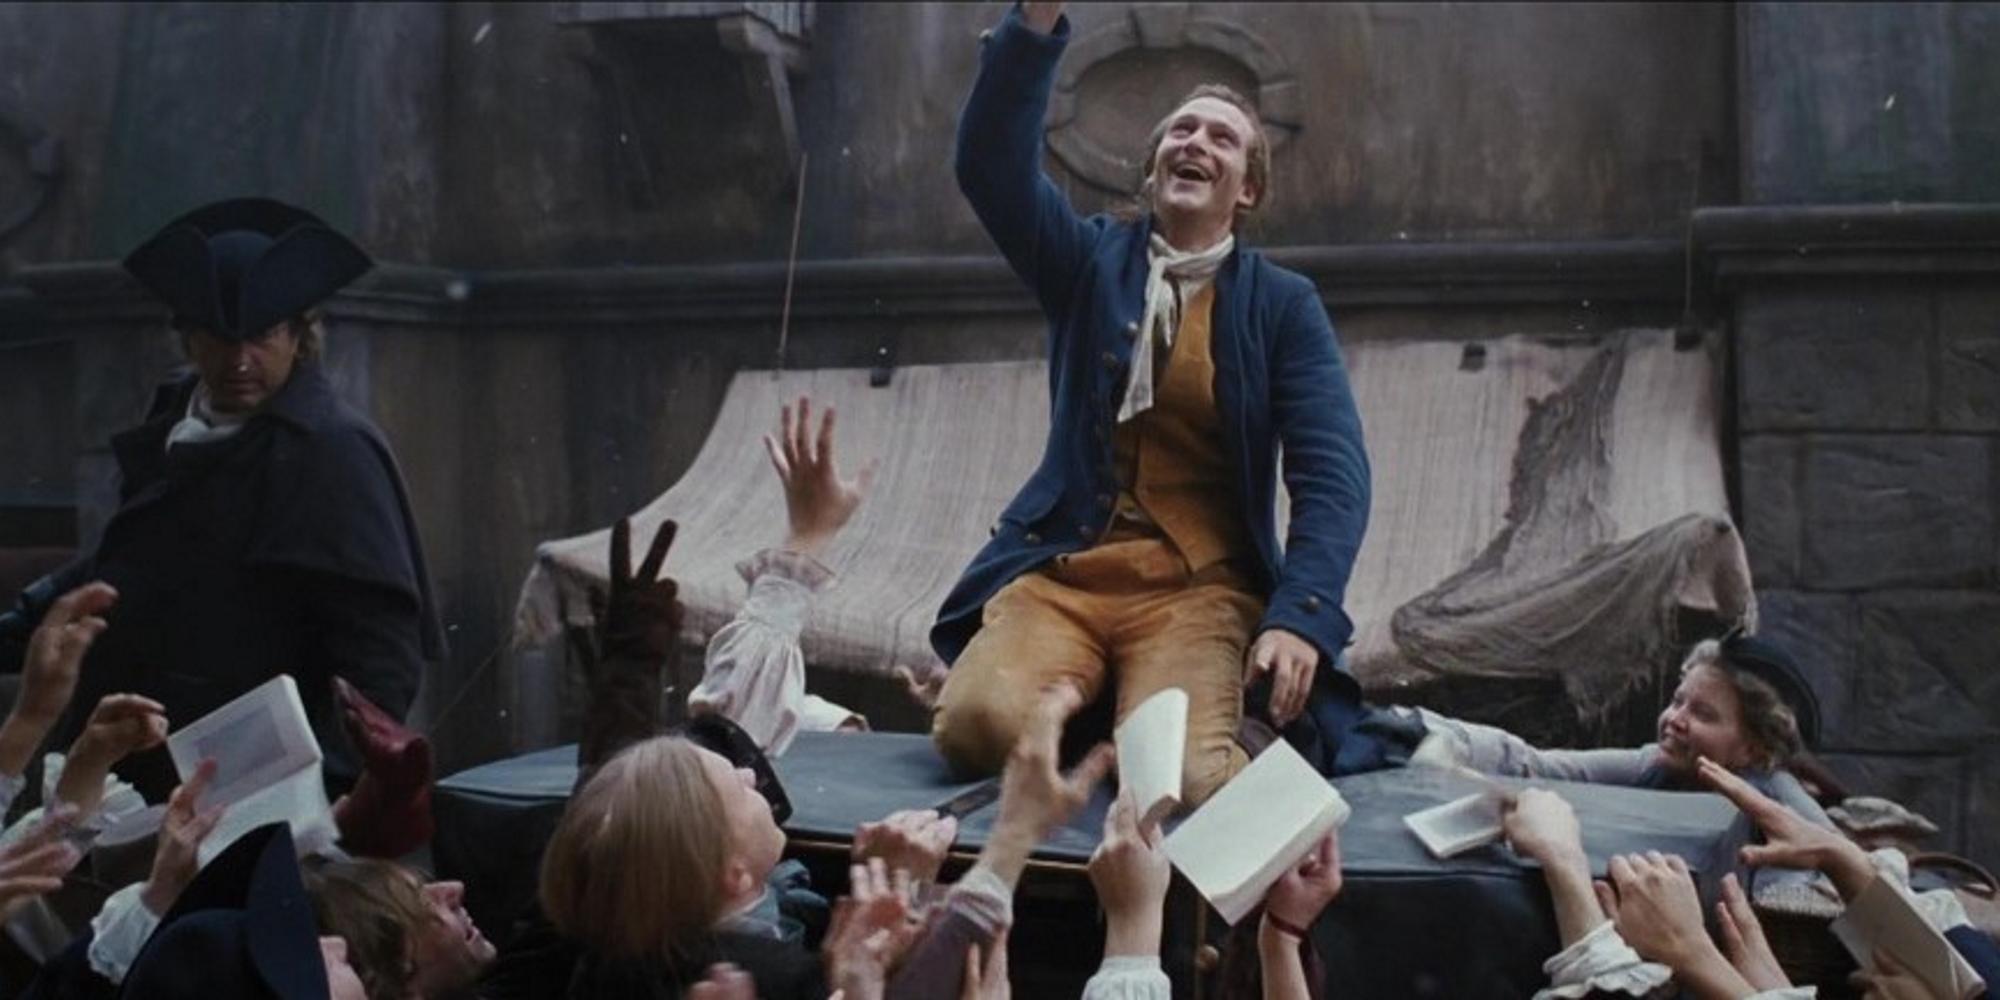 Ung mann ser leende oppover mot himmelen, mens han blir hyllet av en folkemengde. Tidsepoken er andre halvdel av 1700-tallet. Foto.